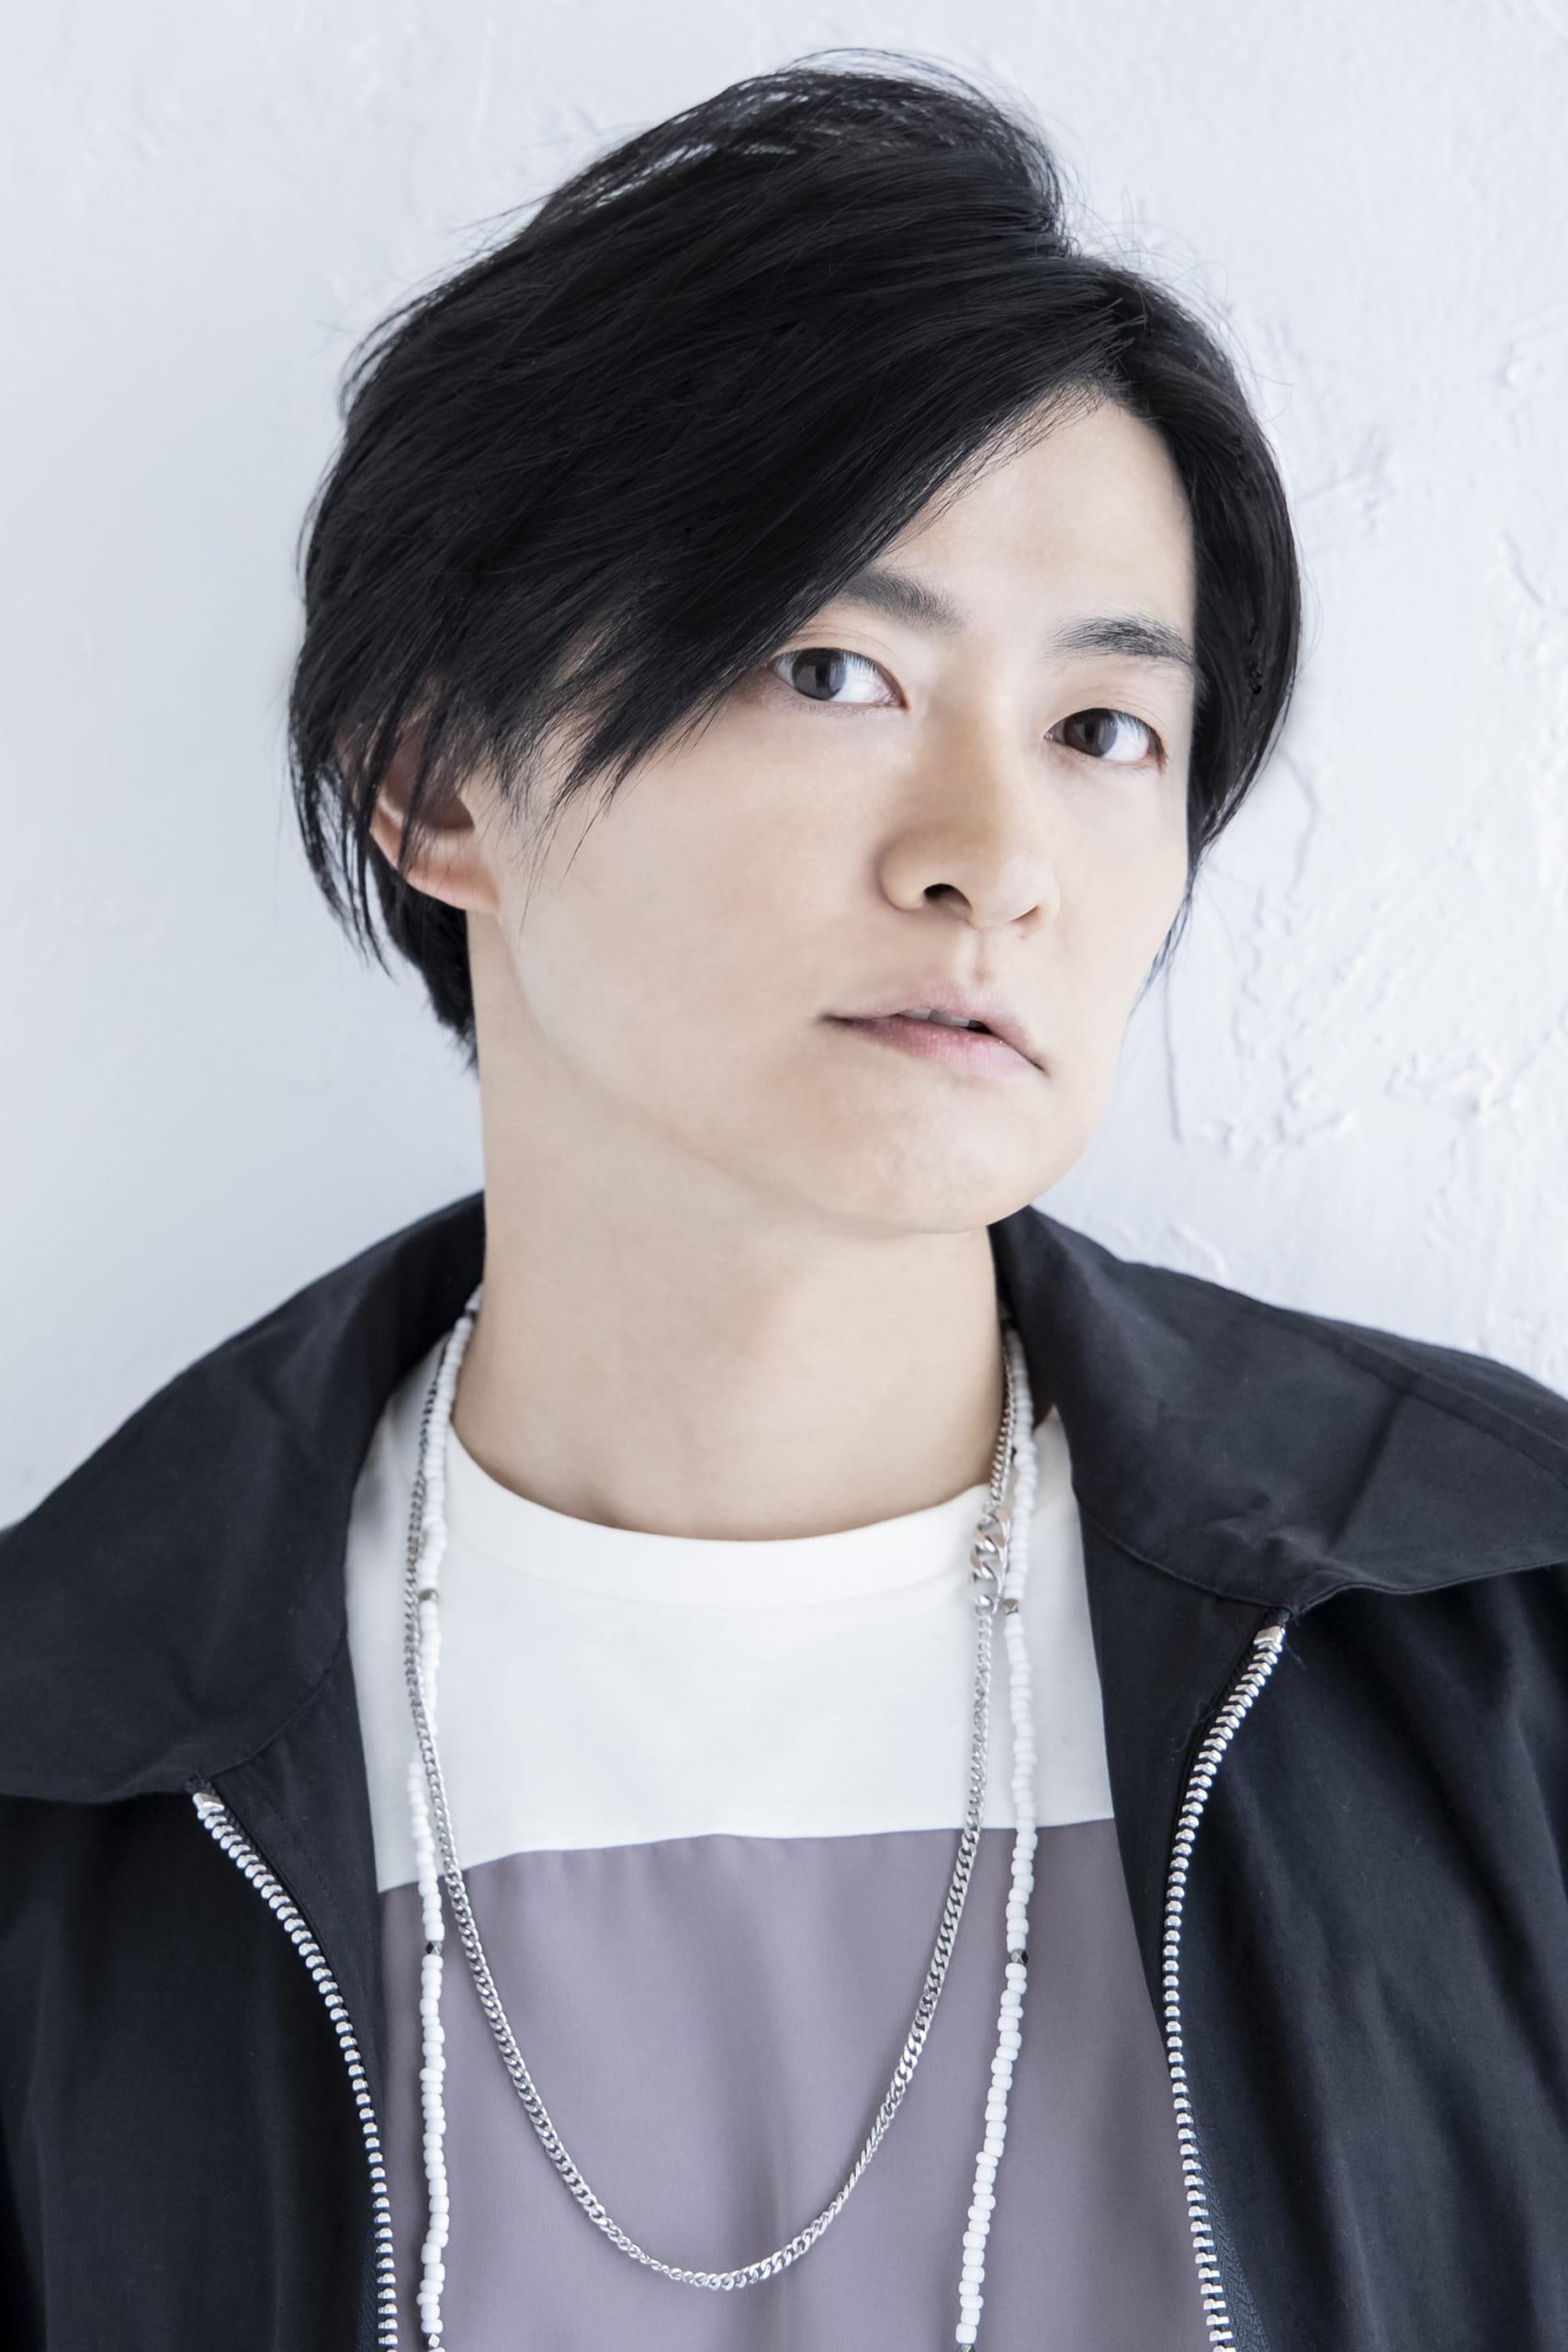 声優・下野紘さんがTwitterアカウントを開設!わずか9時間でフォロワー数15万人を突破